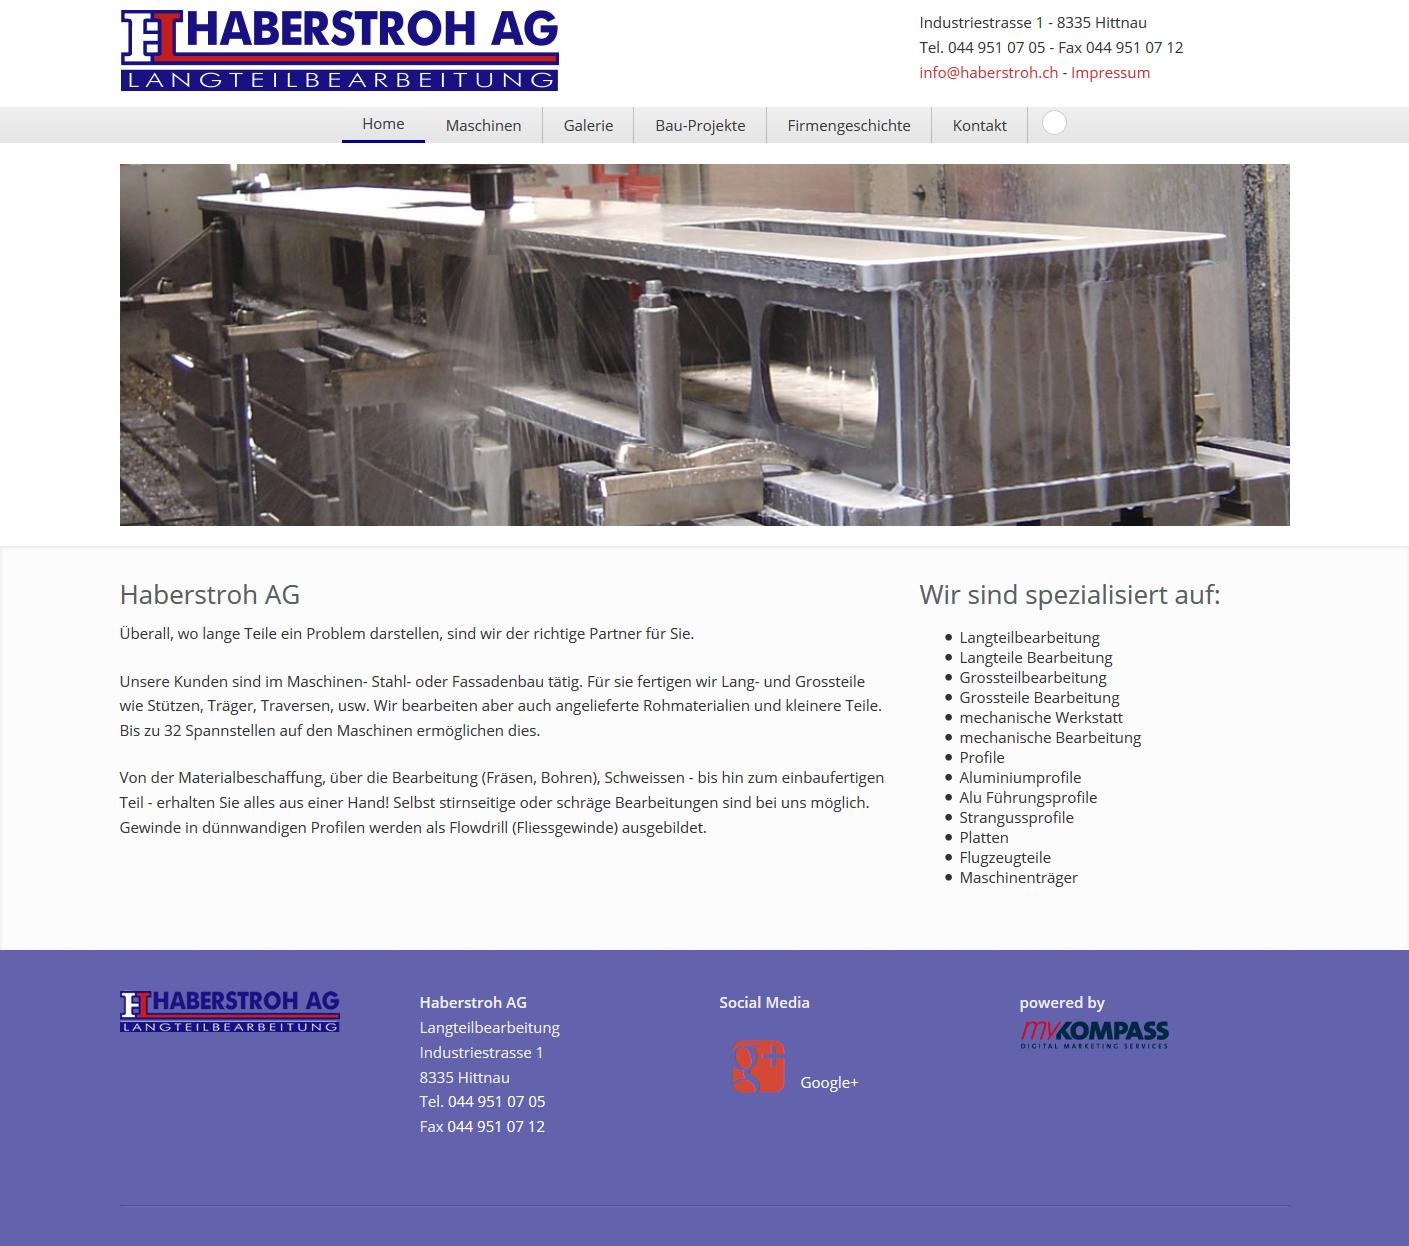 Haberstroh AG, Hittnau, Zürich, Langteilbearbeitung, Metall Werkstatt, Grossteil Bearbeitung